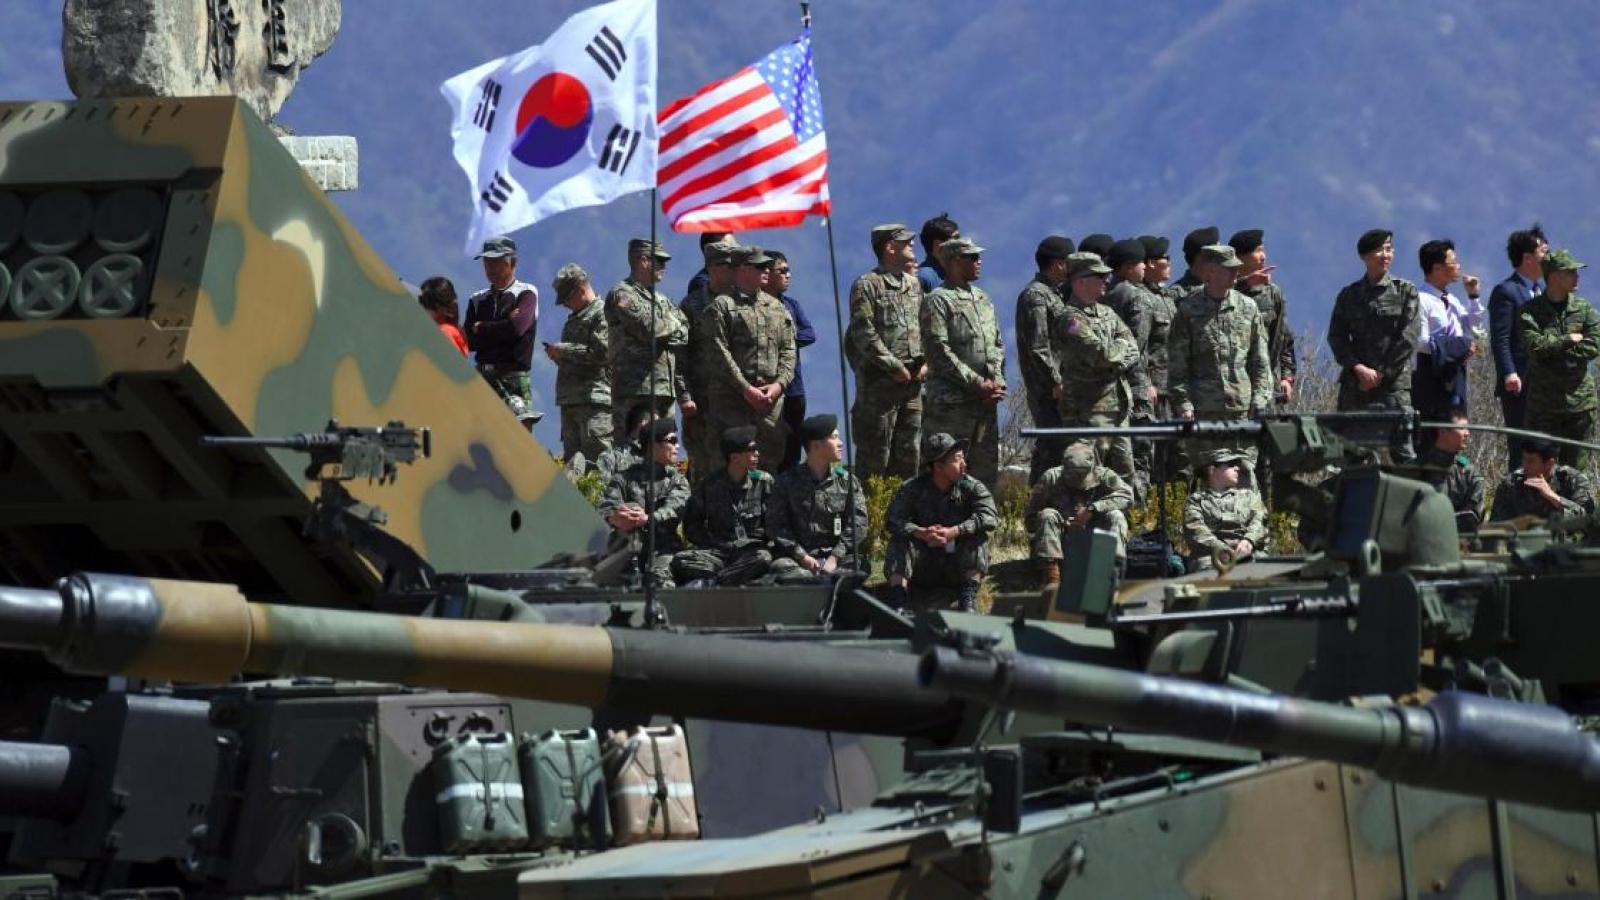 Mỹ - Hàn chuẩn bị tập trận, Triều Tiên lên tiếng cảnh báo